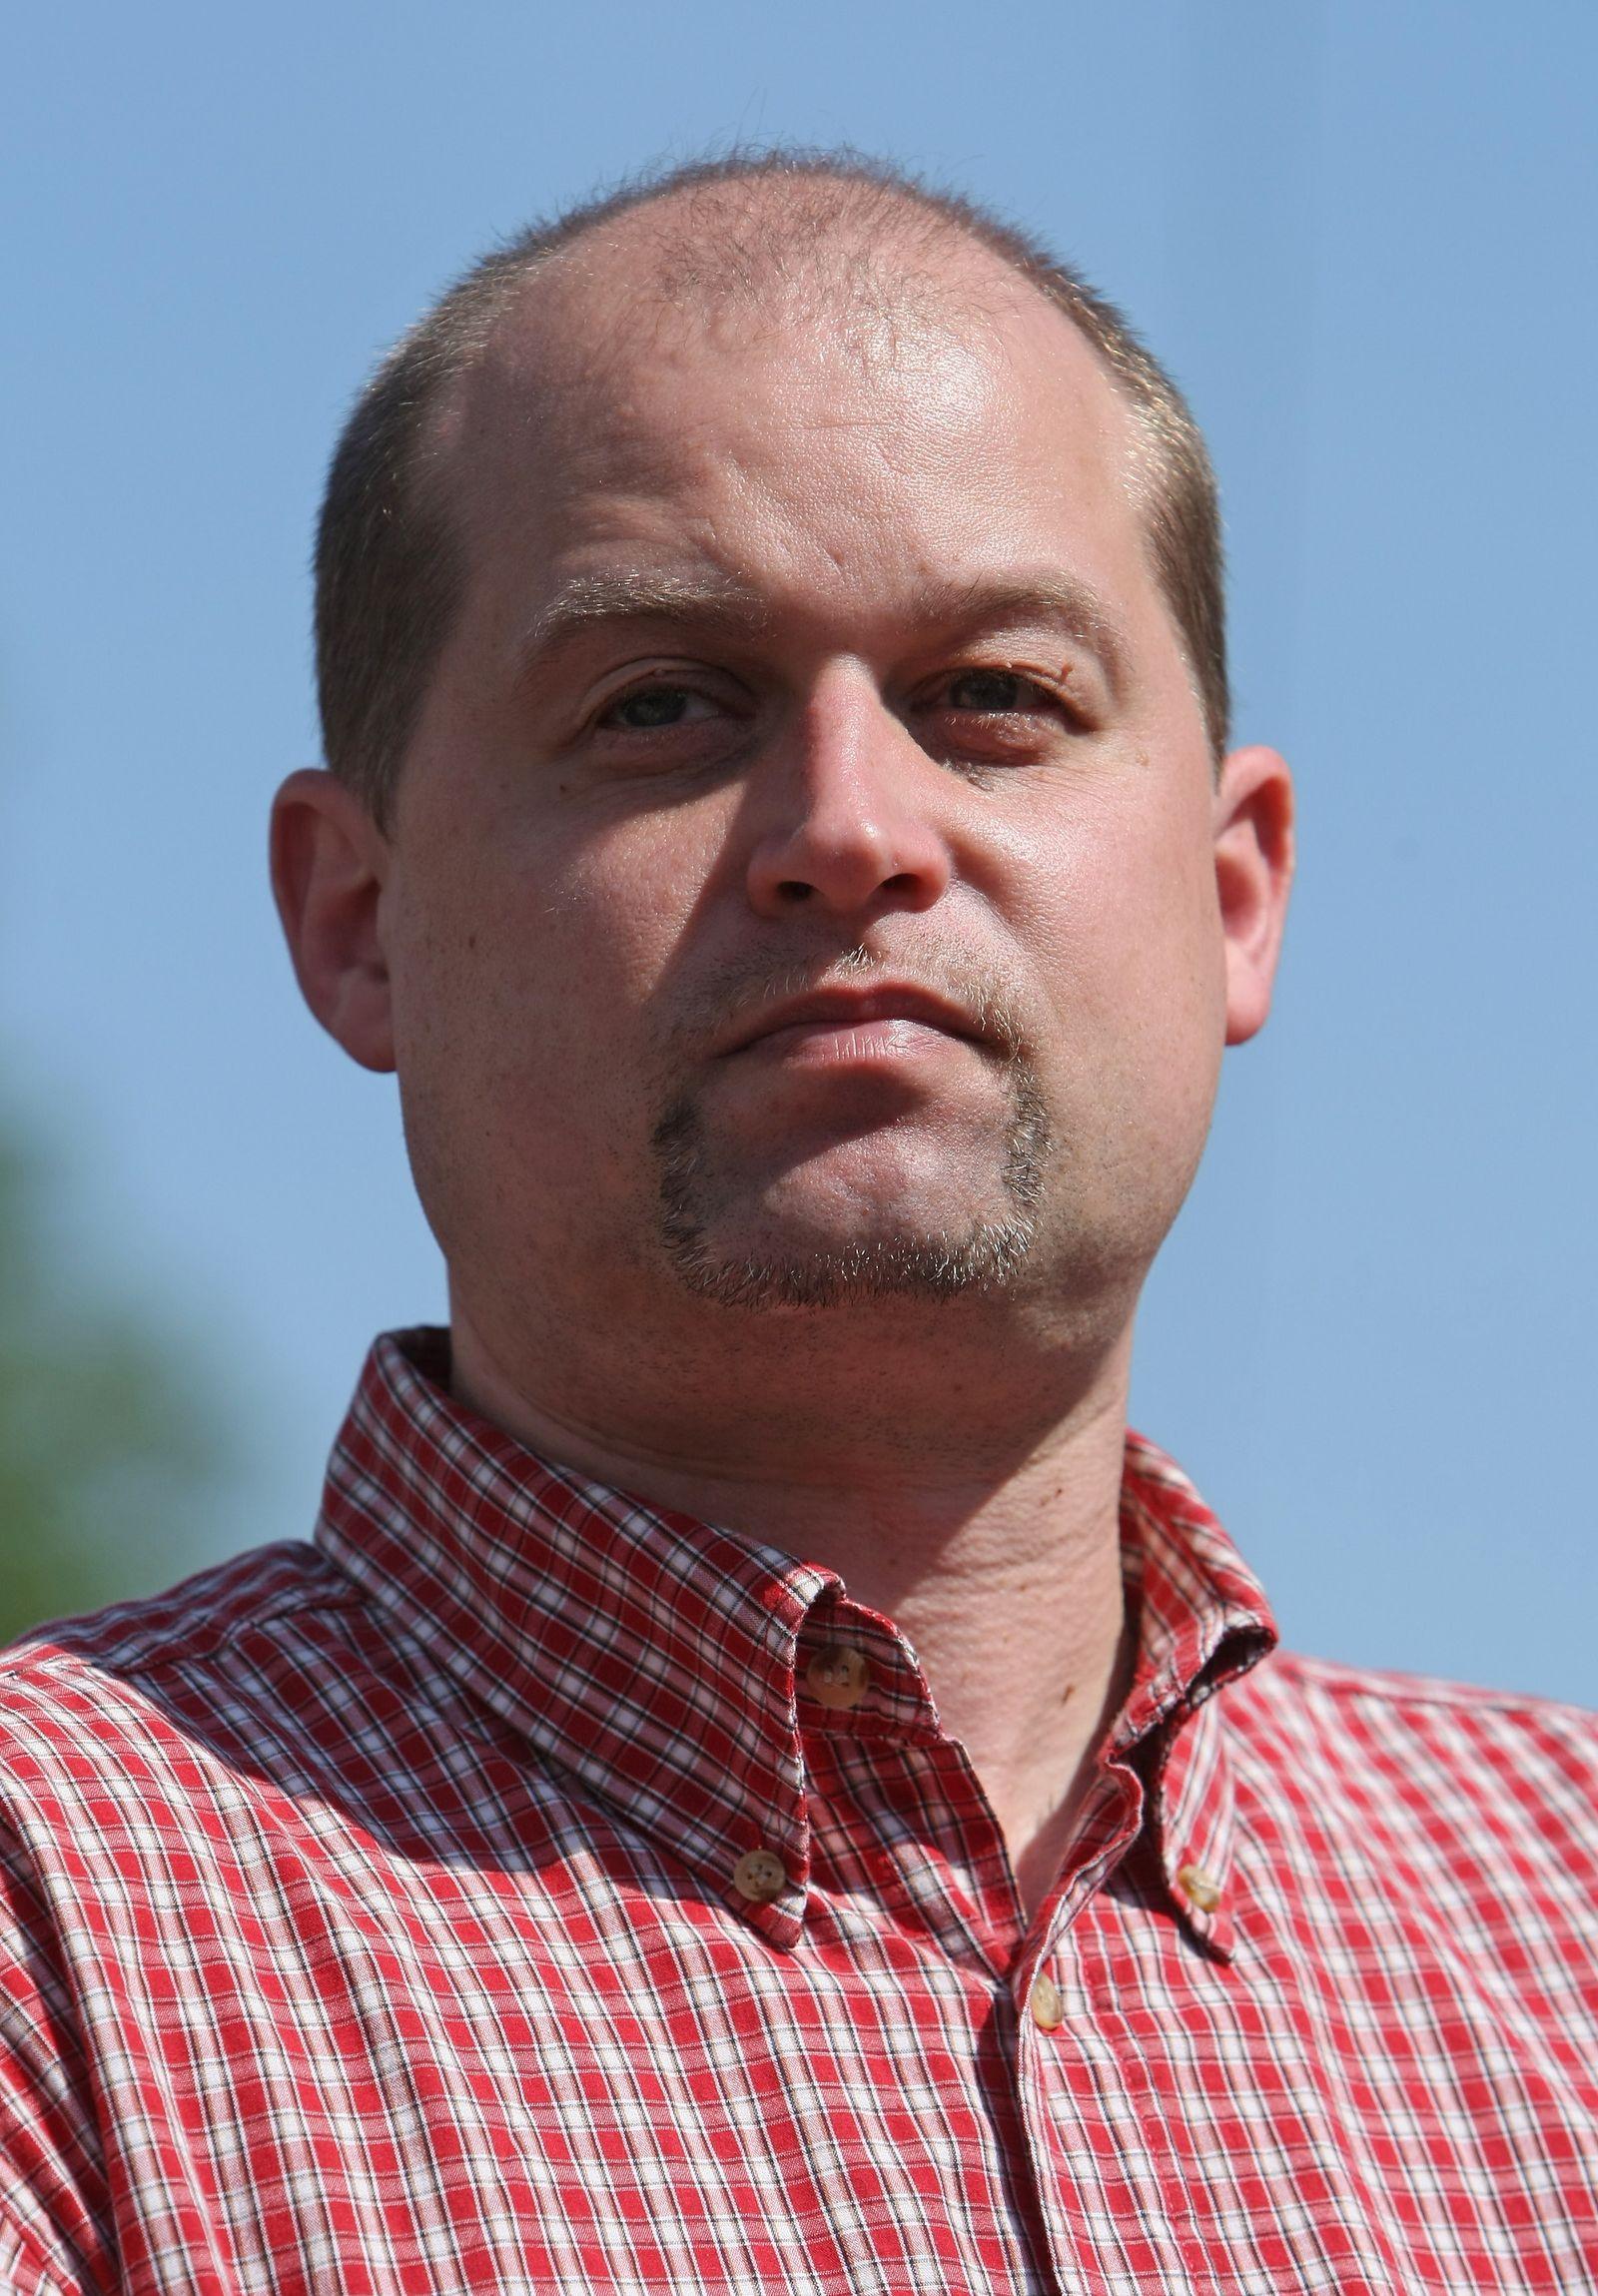 Klaus Beier